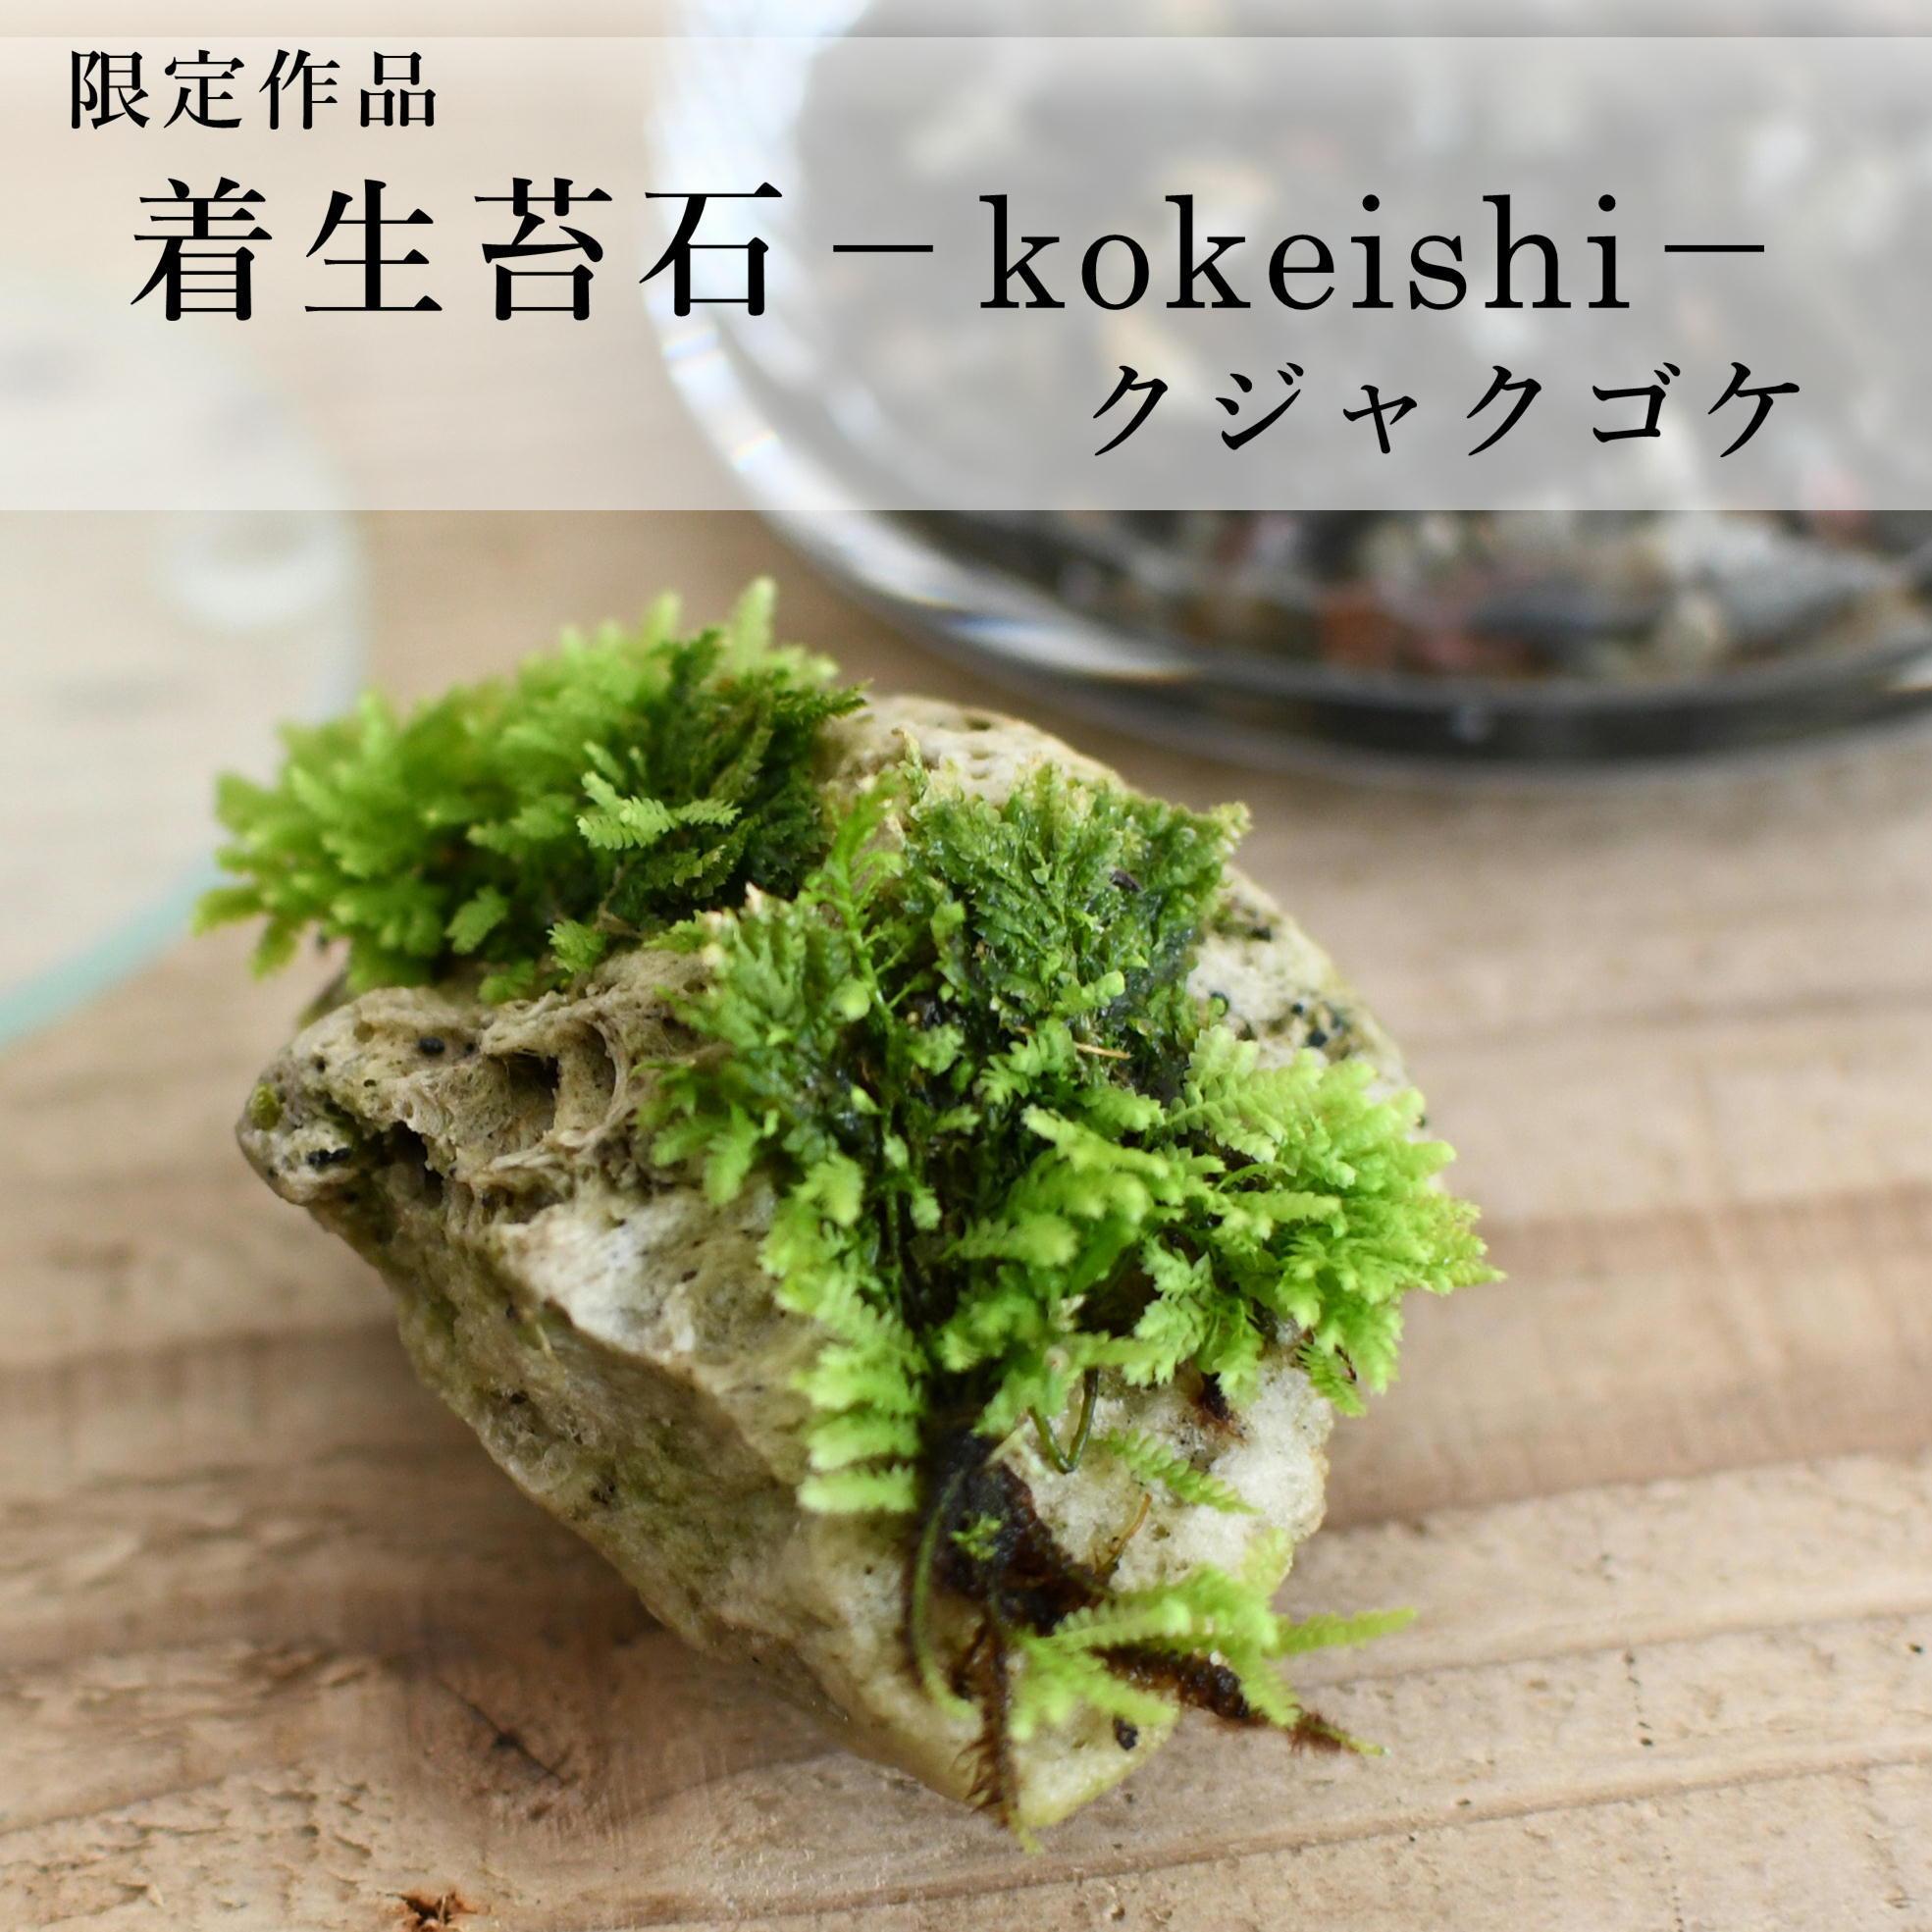 【現物販売】着生苔石クジャクゴケ 2021.8.20#3◆栽培容器付